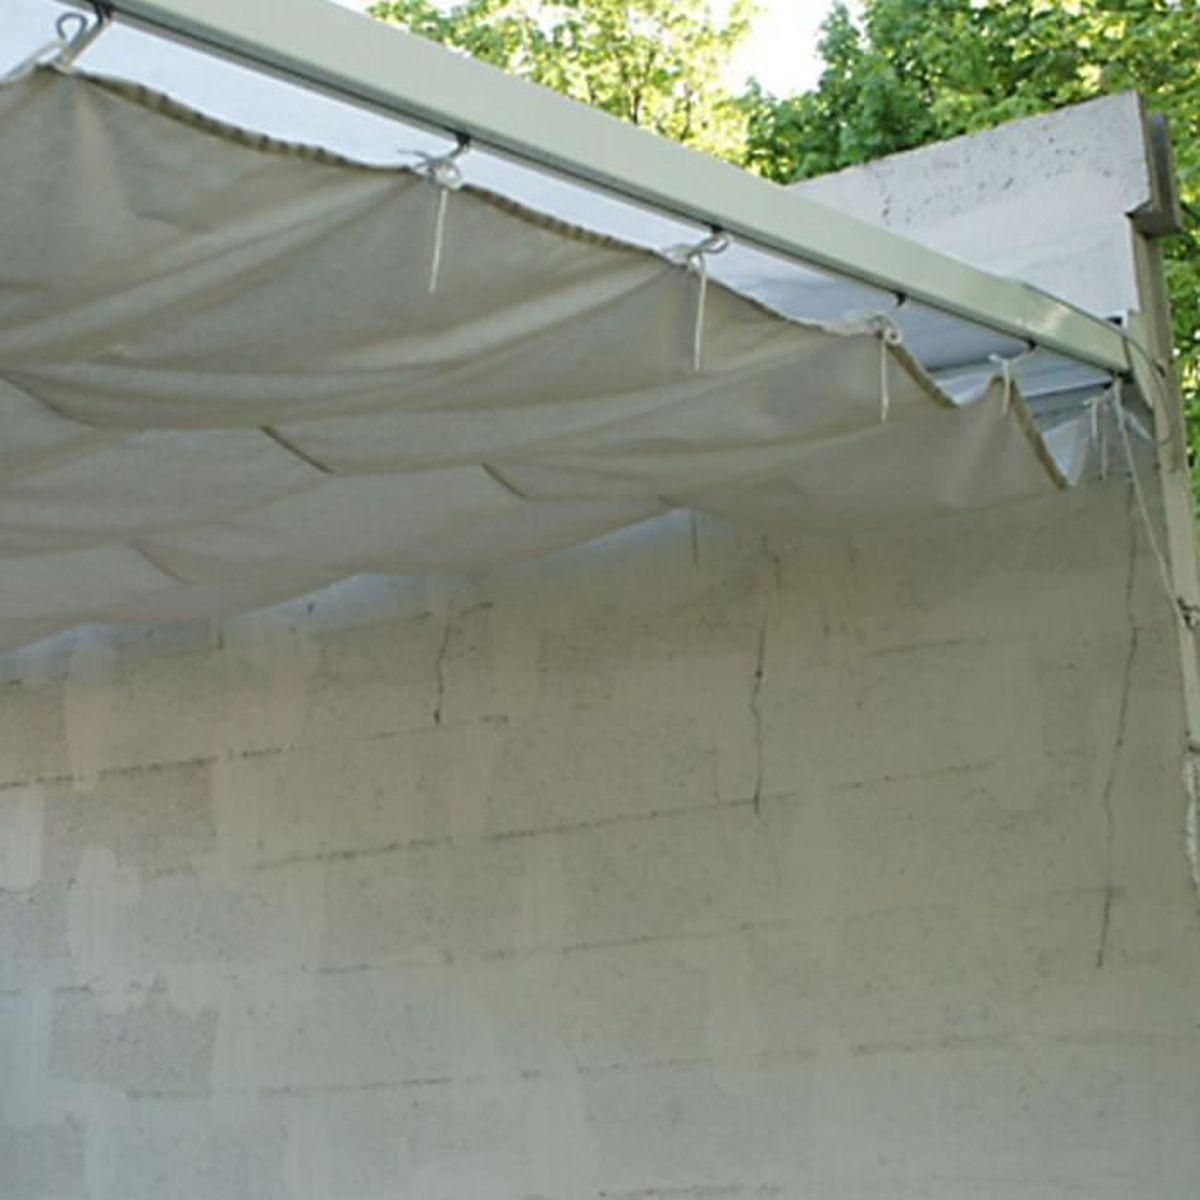 Voile D Ombrage 6 X 4 toile d'ombrage coulissante écru pour toit couv' terrasse 3